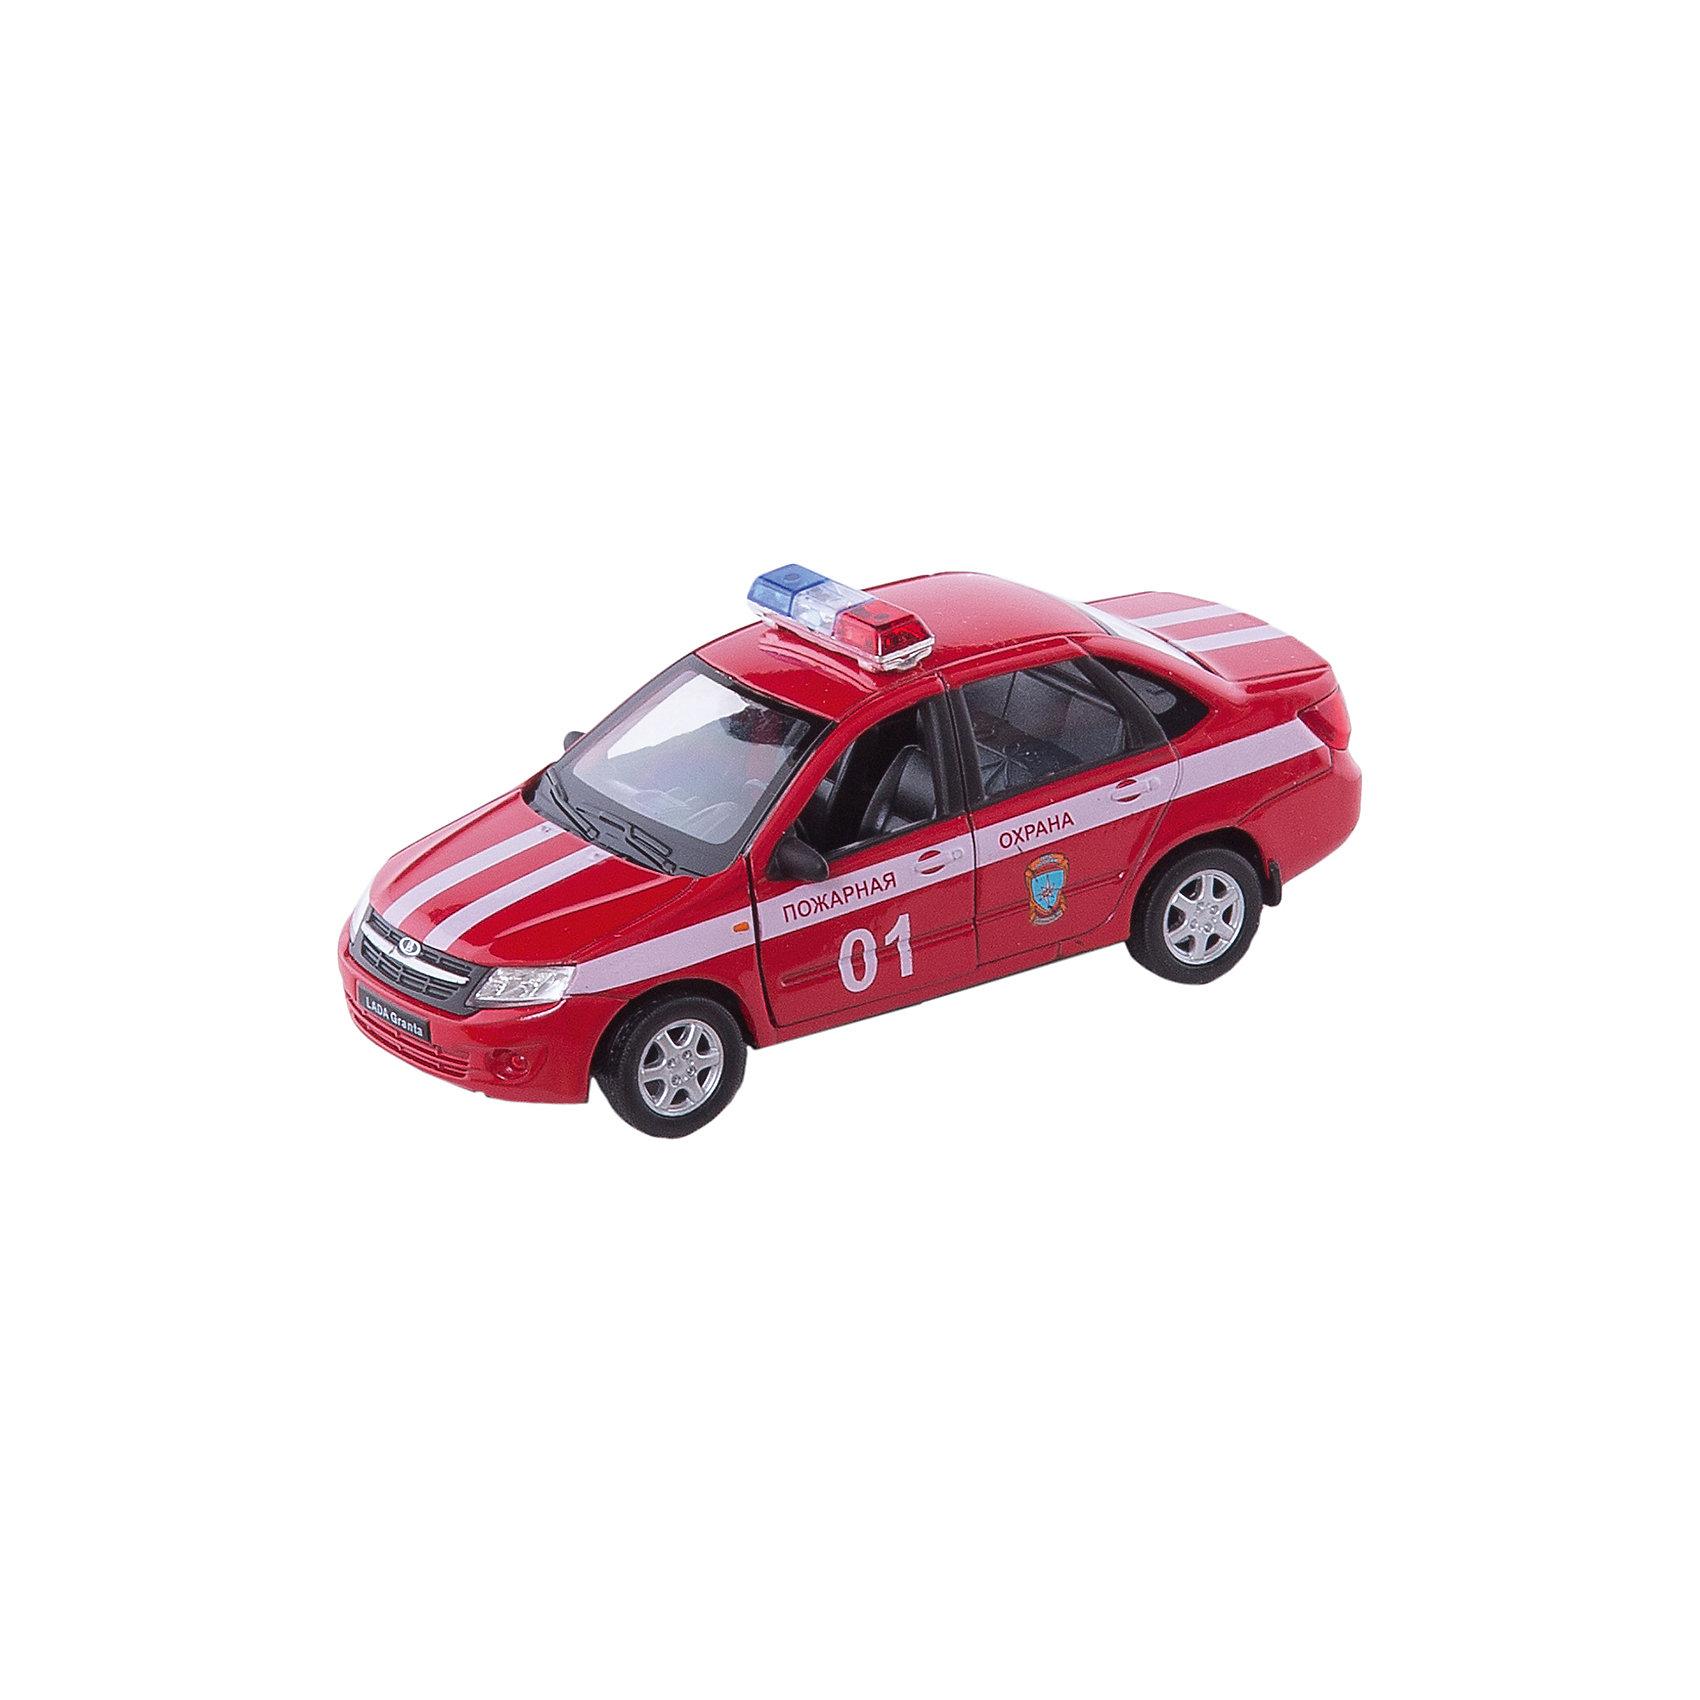 Модель машины 1:34-39 LADA Granta Пожарная охрана, WellyКоллекционные модели<br>Модель машины 1:34-39 LADA Granta Пожарная охрана, Welly (Велли) - коллекционная машинка послужит отличным подарком и детям, и взрослым.<br>Модель машины LADA Granta от Welly (Велли) представляет собой точную копию настоящего автомобиля в масштабе 1:34-39. У машинки вращаются колёса, кузов детализирован на достойном уровне и окрашен в цвета Пожарной охраны.<br><br>Дополнительная информация:<br><br>- Масштаб модели 1:34-39<br>- Материал: пластик, металл<br>- Размер упаковки: 14,5х11,5х6 см.<br>- Вес: 169 гр.<br><br>Модель машины 1:34-39 LADA Granta Пожарная охрана, Welly (Велли) можно купить в нашем интернет-магазине.<br><br>Ширина мм: 145<br>Глубина мм: 115<br>Высота мм: 60<br>Вес г: 169<br>Возраст от месяцев: 36<br>Возраст до месяцев: 192<br>Пол: Мужской<br>Возраст: Детский<br>SKU: 4505039